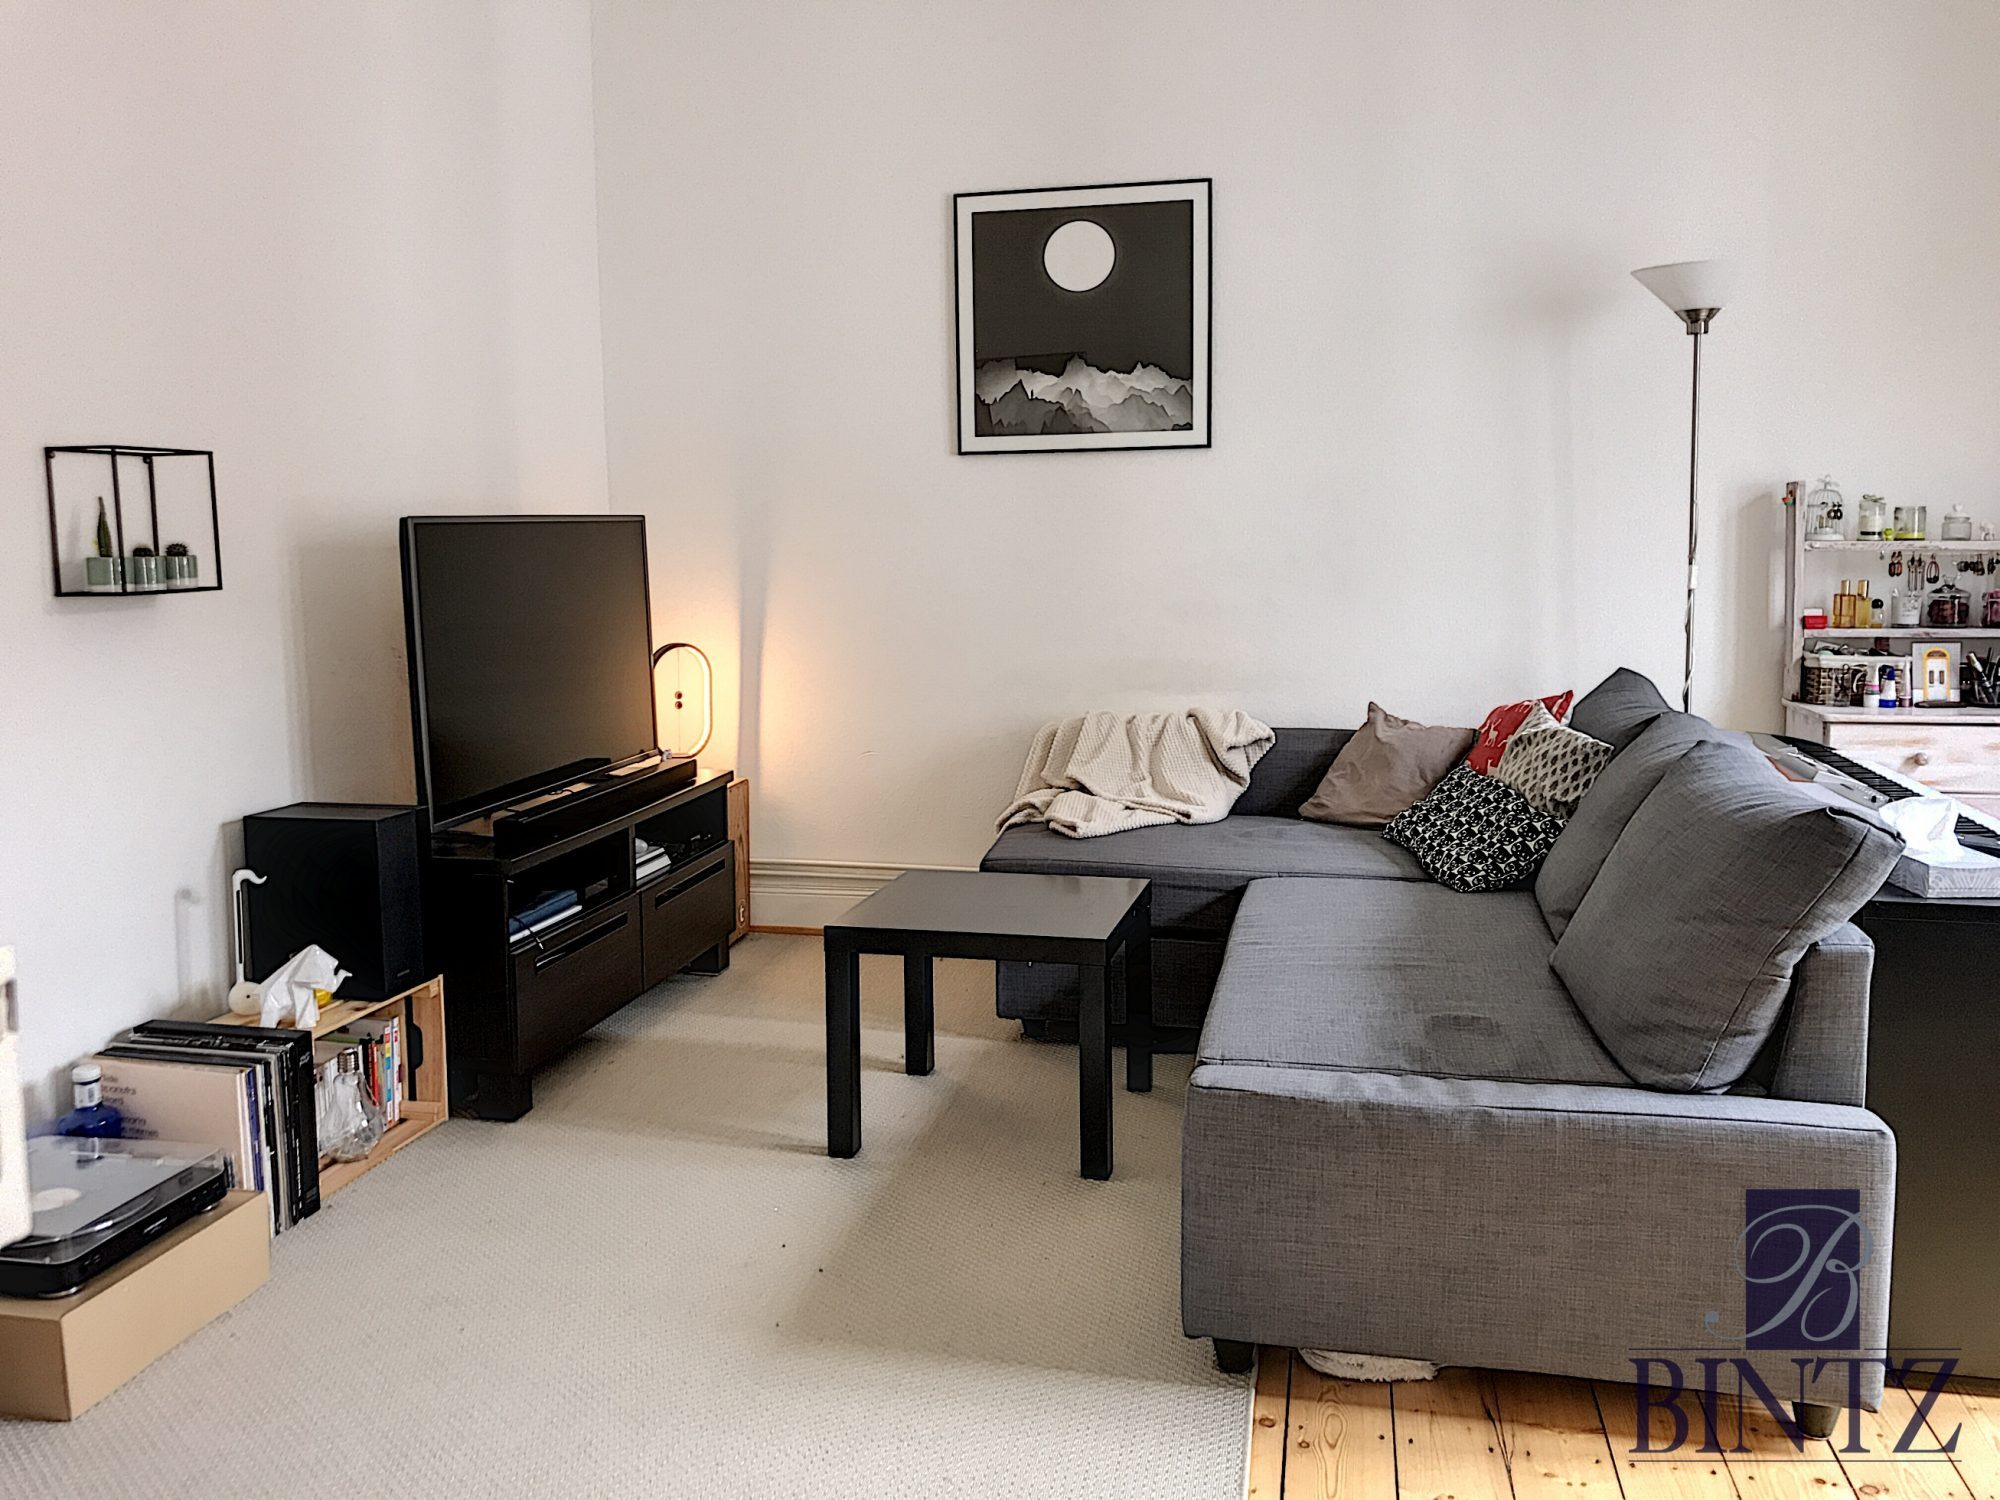 2 PIÈCES NEUDORF - Devenez locataire en toute sérénité - Bintz Immobilier - 1